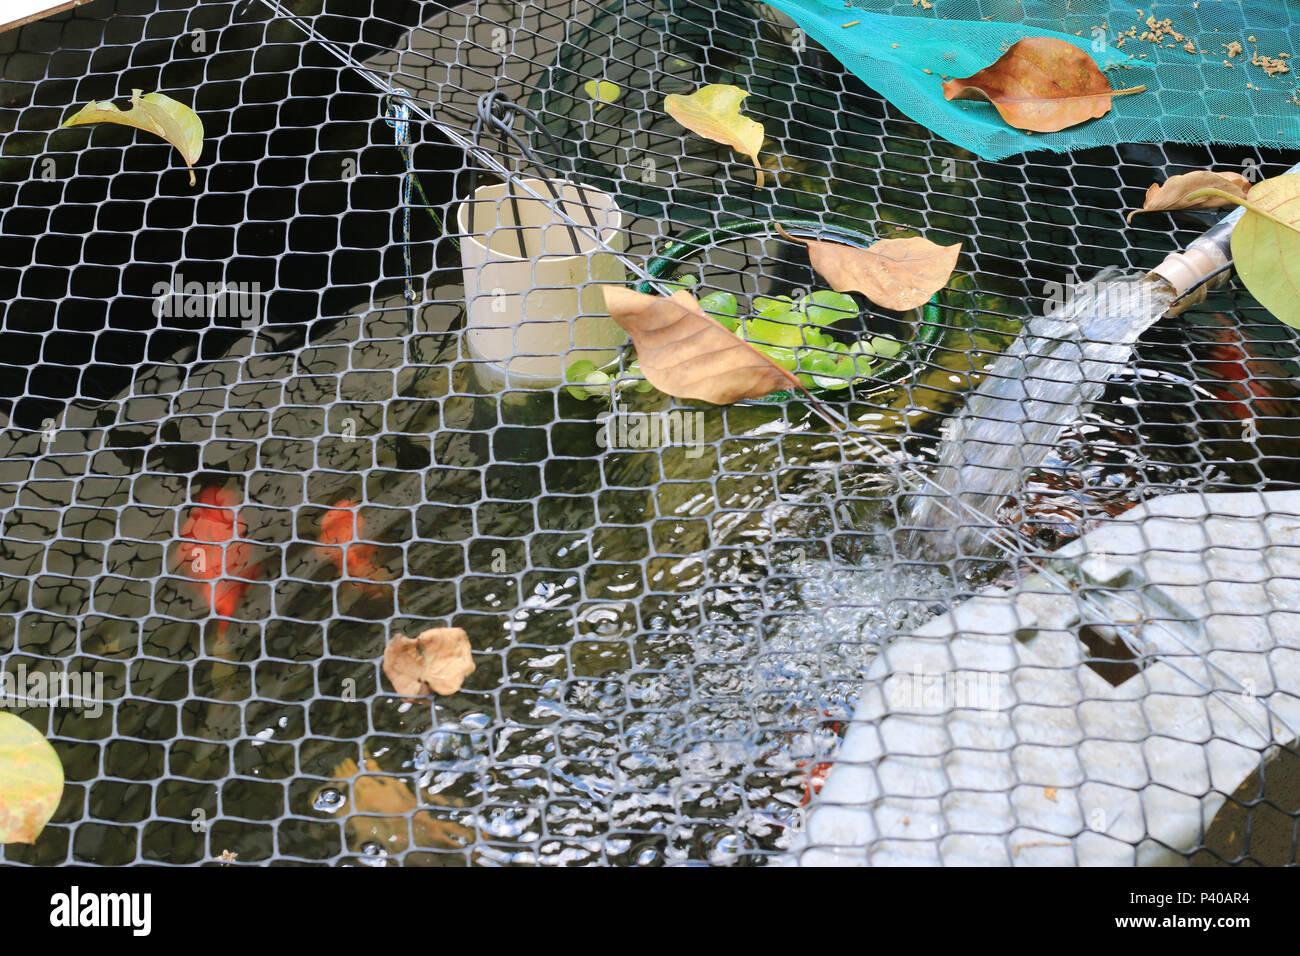 Tanque com caseira criação de peixe Wels e Carpa, em Residência localizada em Cajamar. Stockfoto